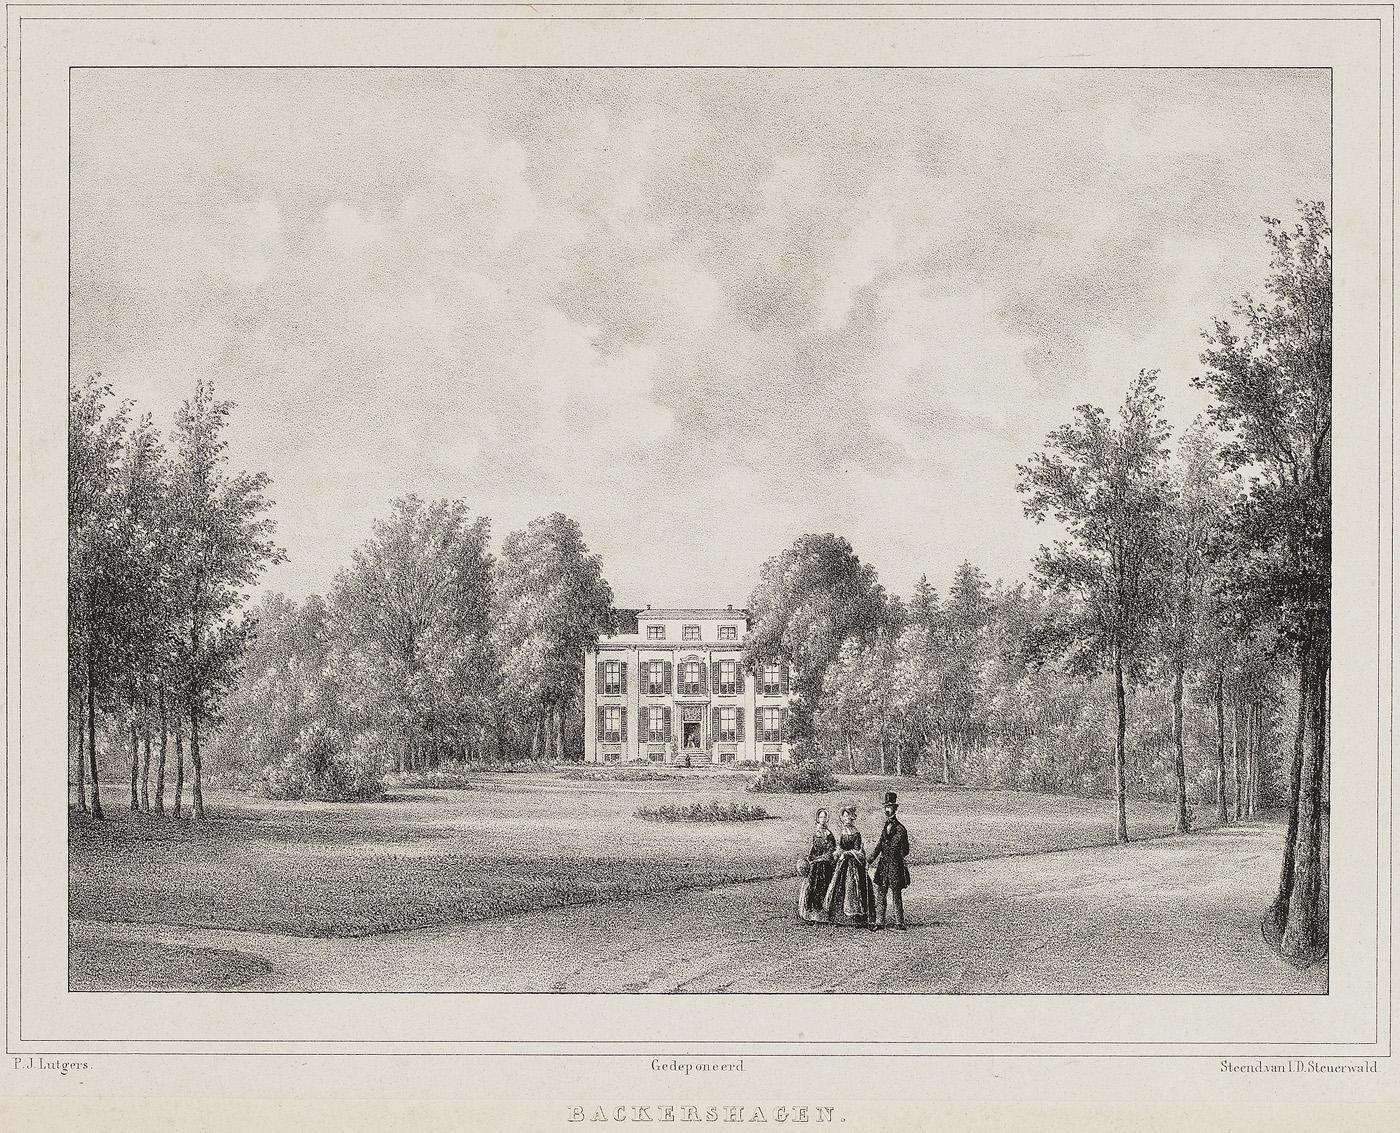 Uit de collectie: Backershagen 2e helft 19e eeuw